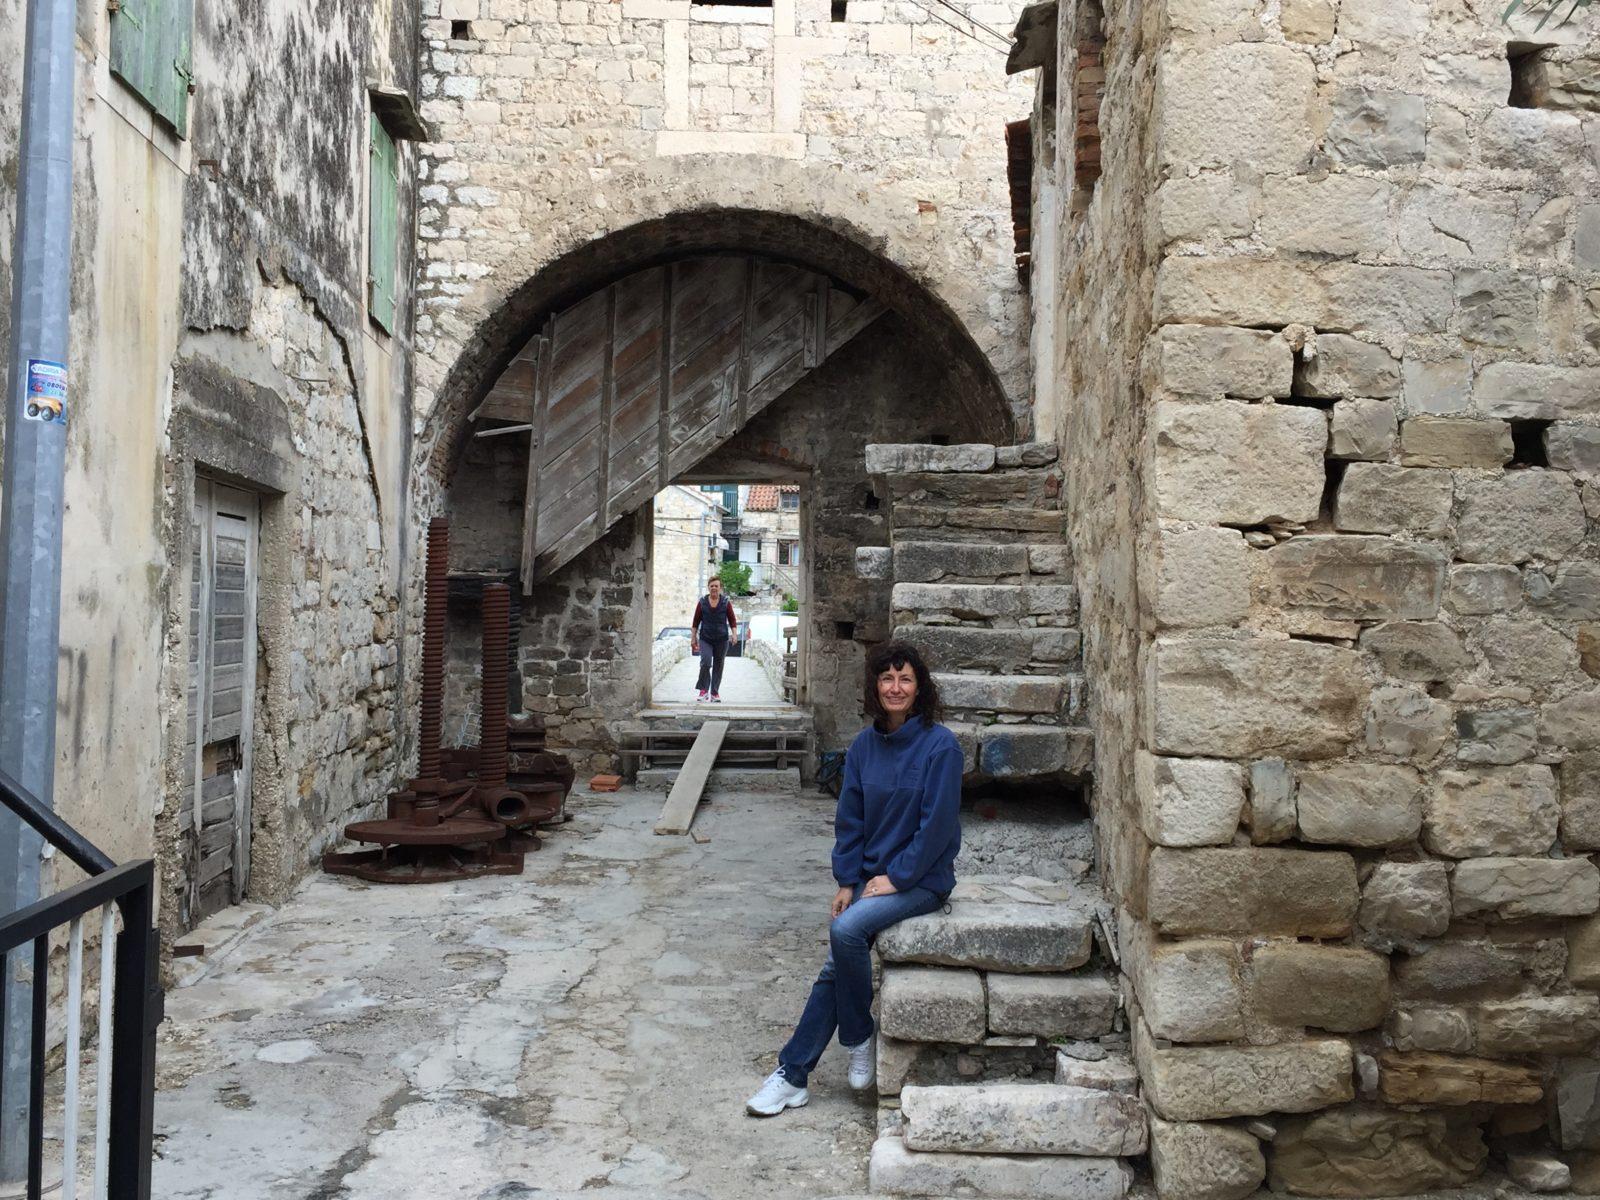 Oana in Braavos